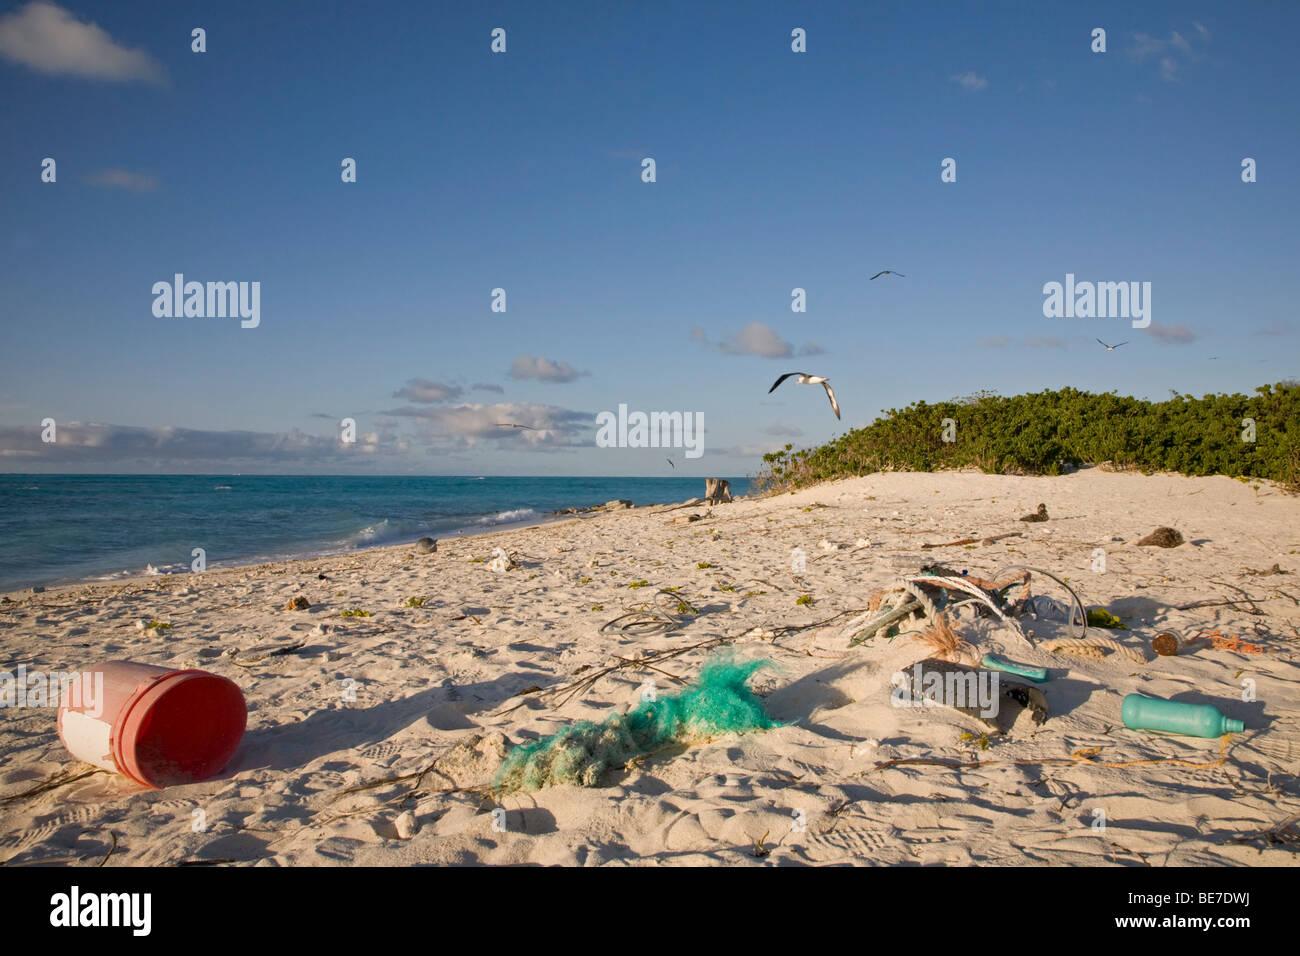 Los desechos marinos arrojado por el mar en la playa de una isla del Pacífico Norte Foto de stock